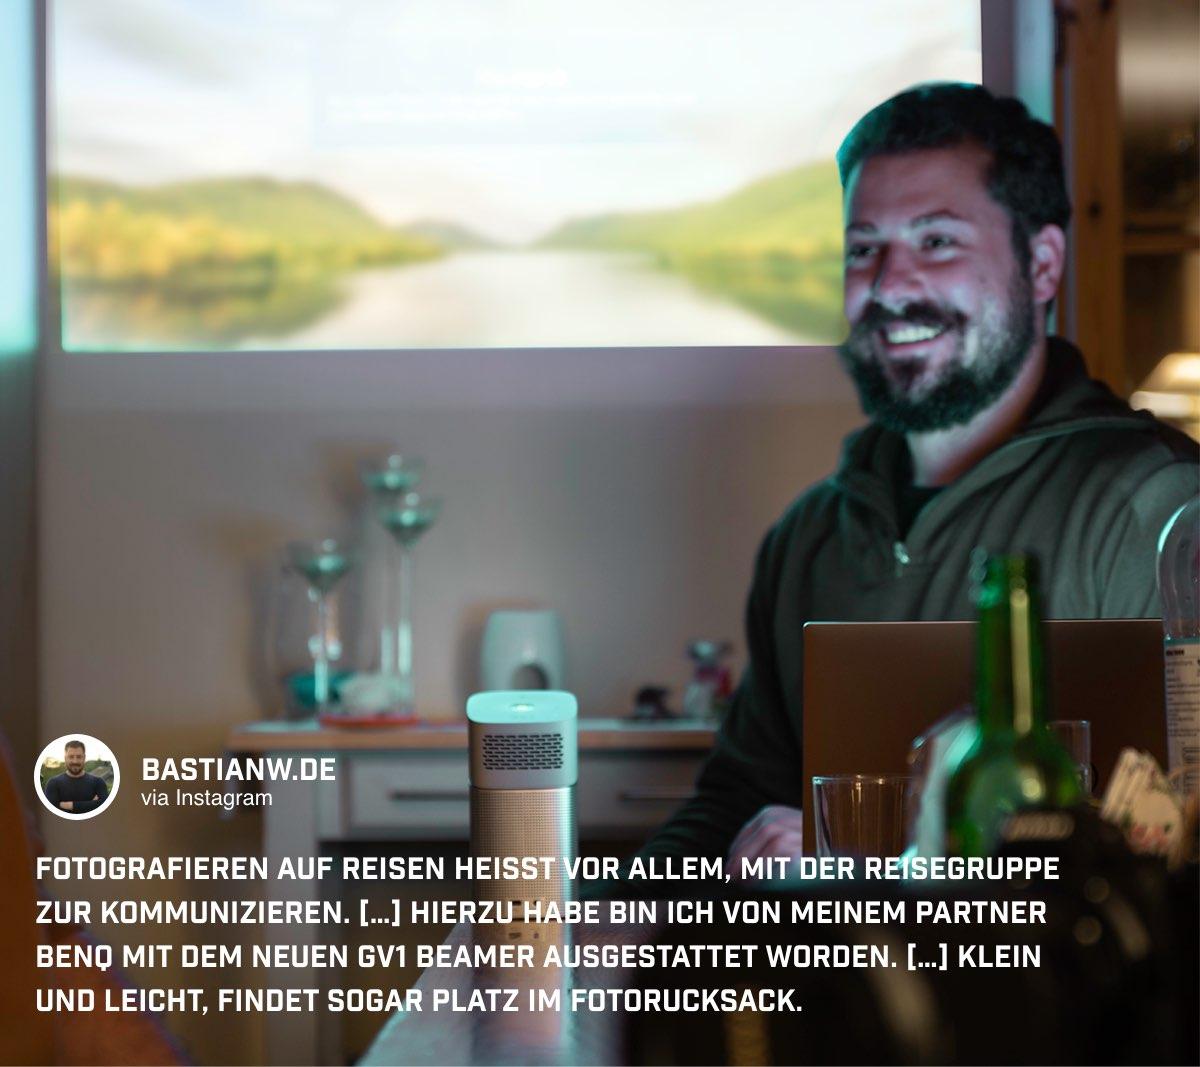 @bastianw.de kommuniziert gerne mit seiner Reisegruppe über Bilder